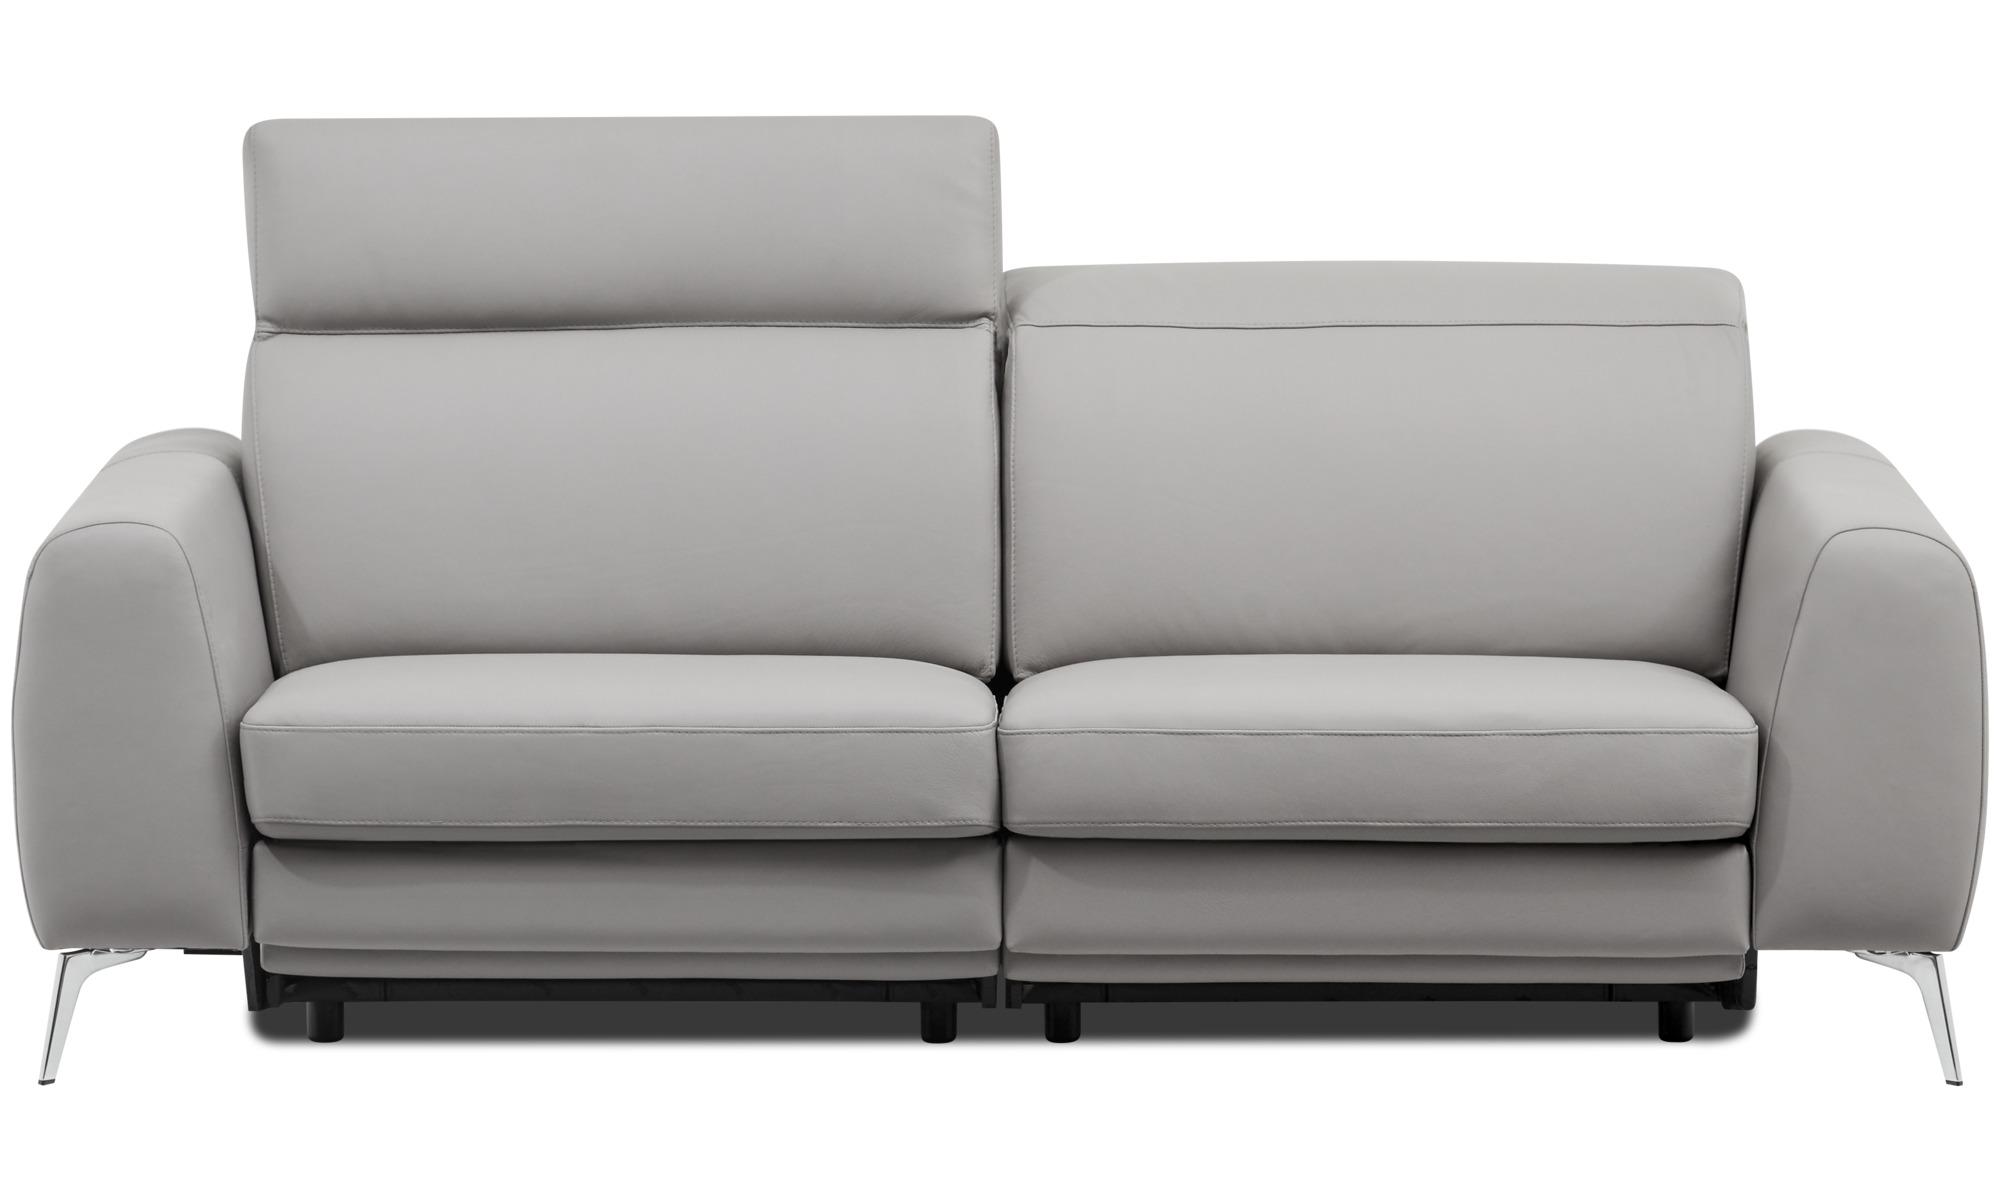 canap s canap madison avec appuie t te r glables boconcept. Black Bedroom Furniture Sets. Home Design Ideas